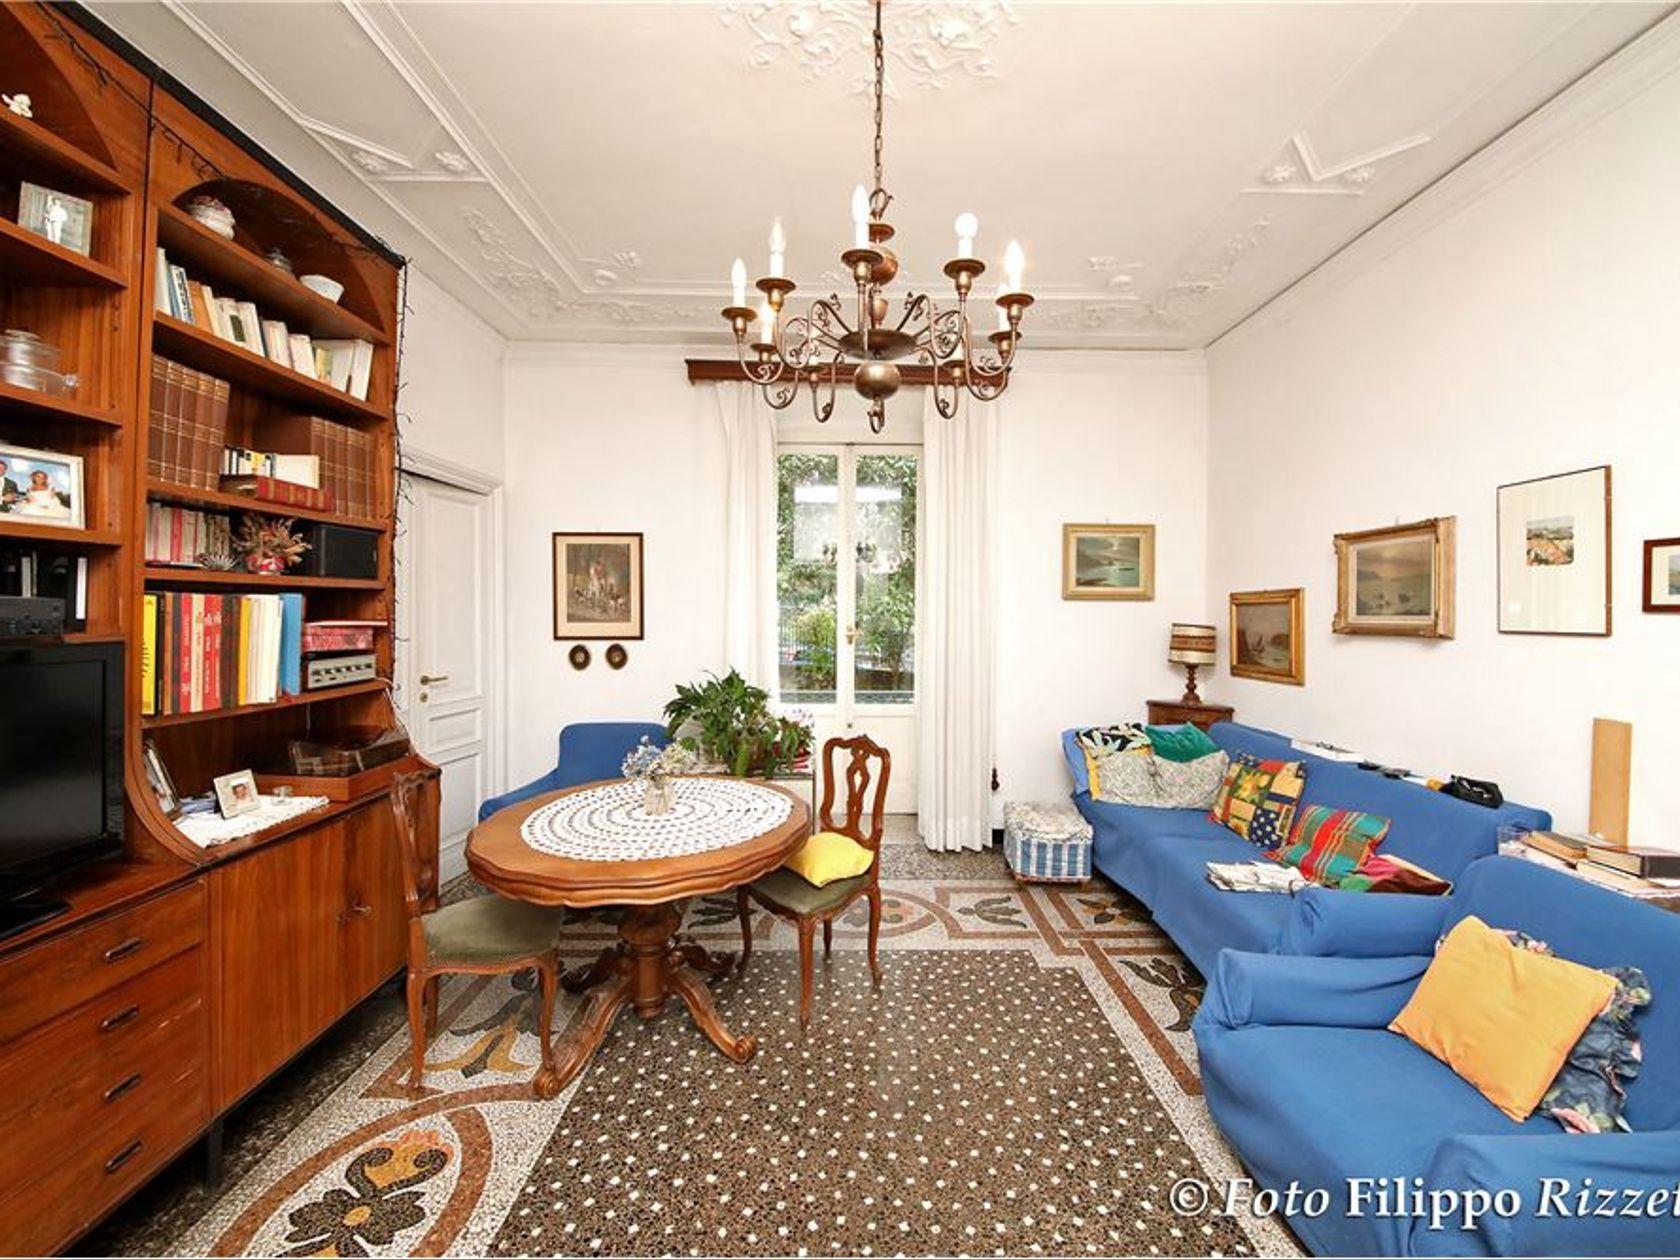 Spazio Vitale Studio Immobiliare appartamento in vendita genova 21711279-27 | re/max italia